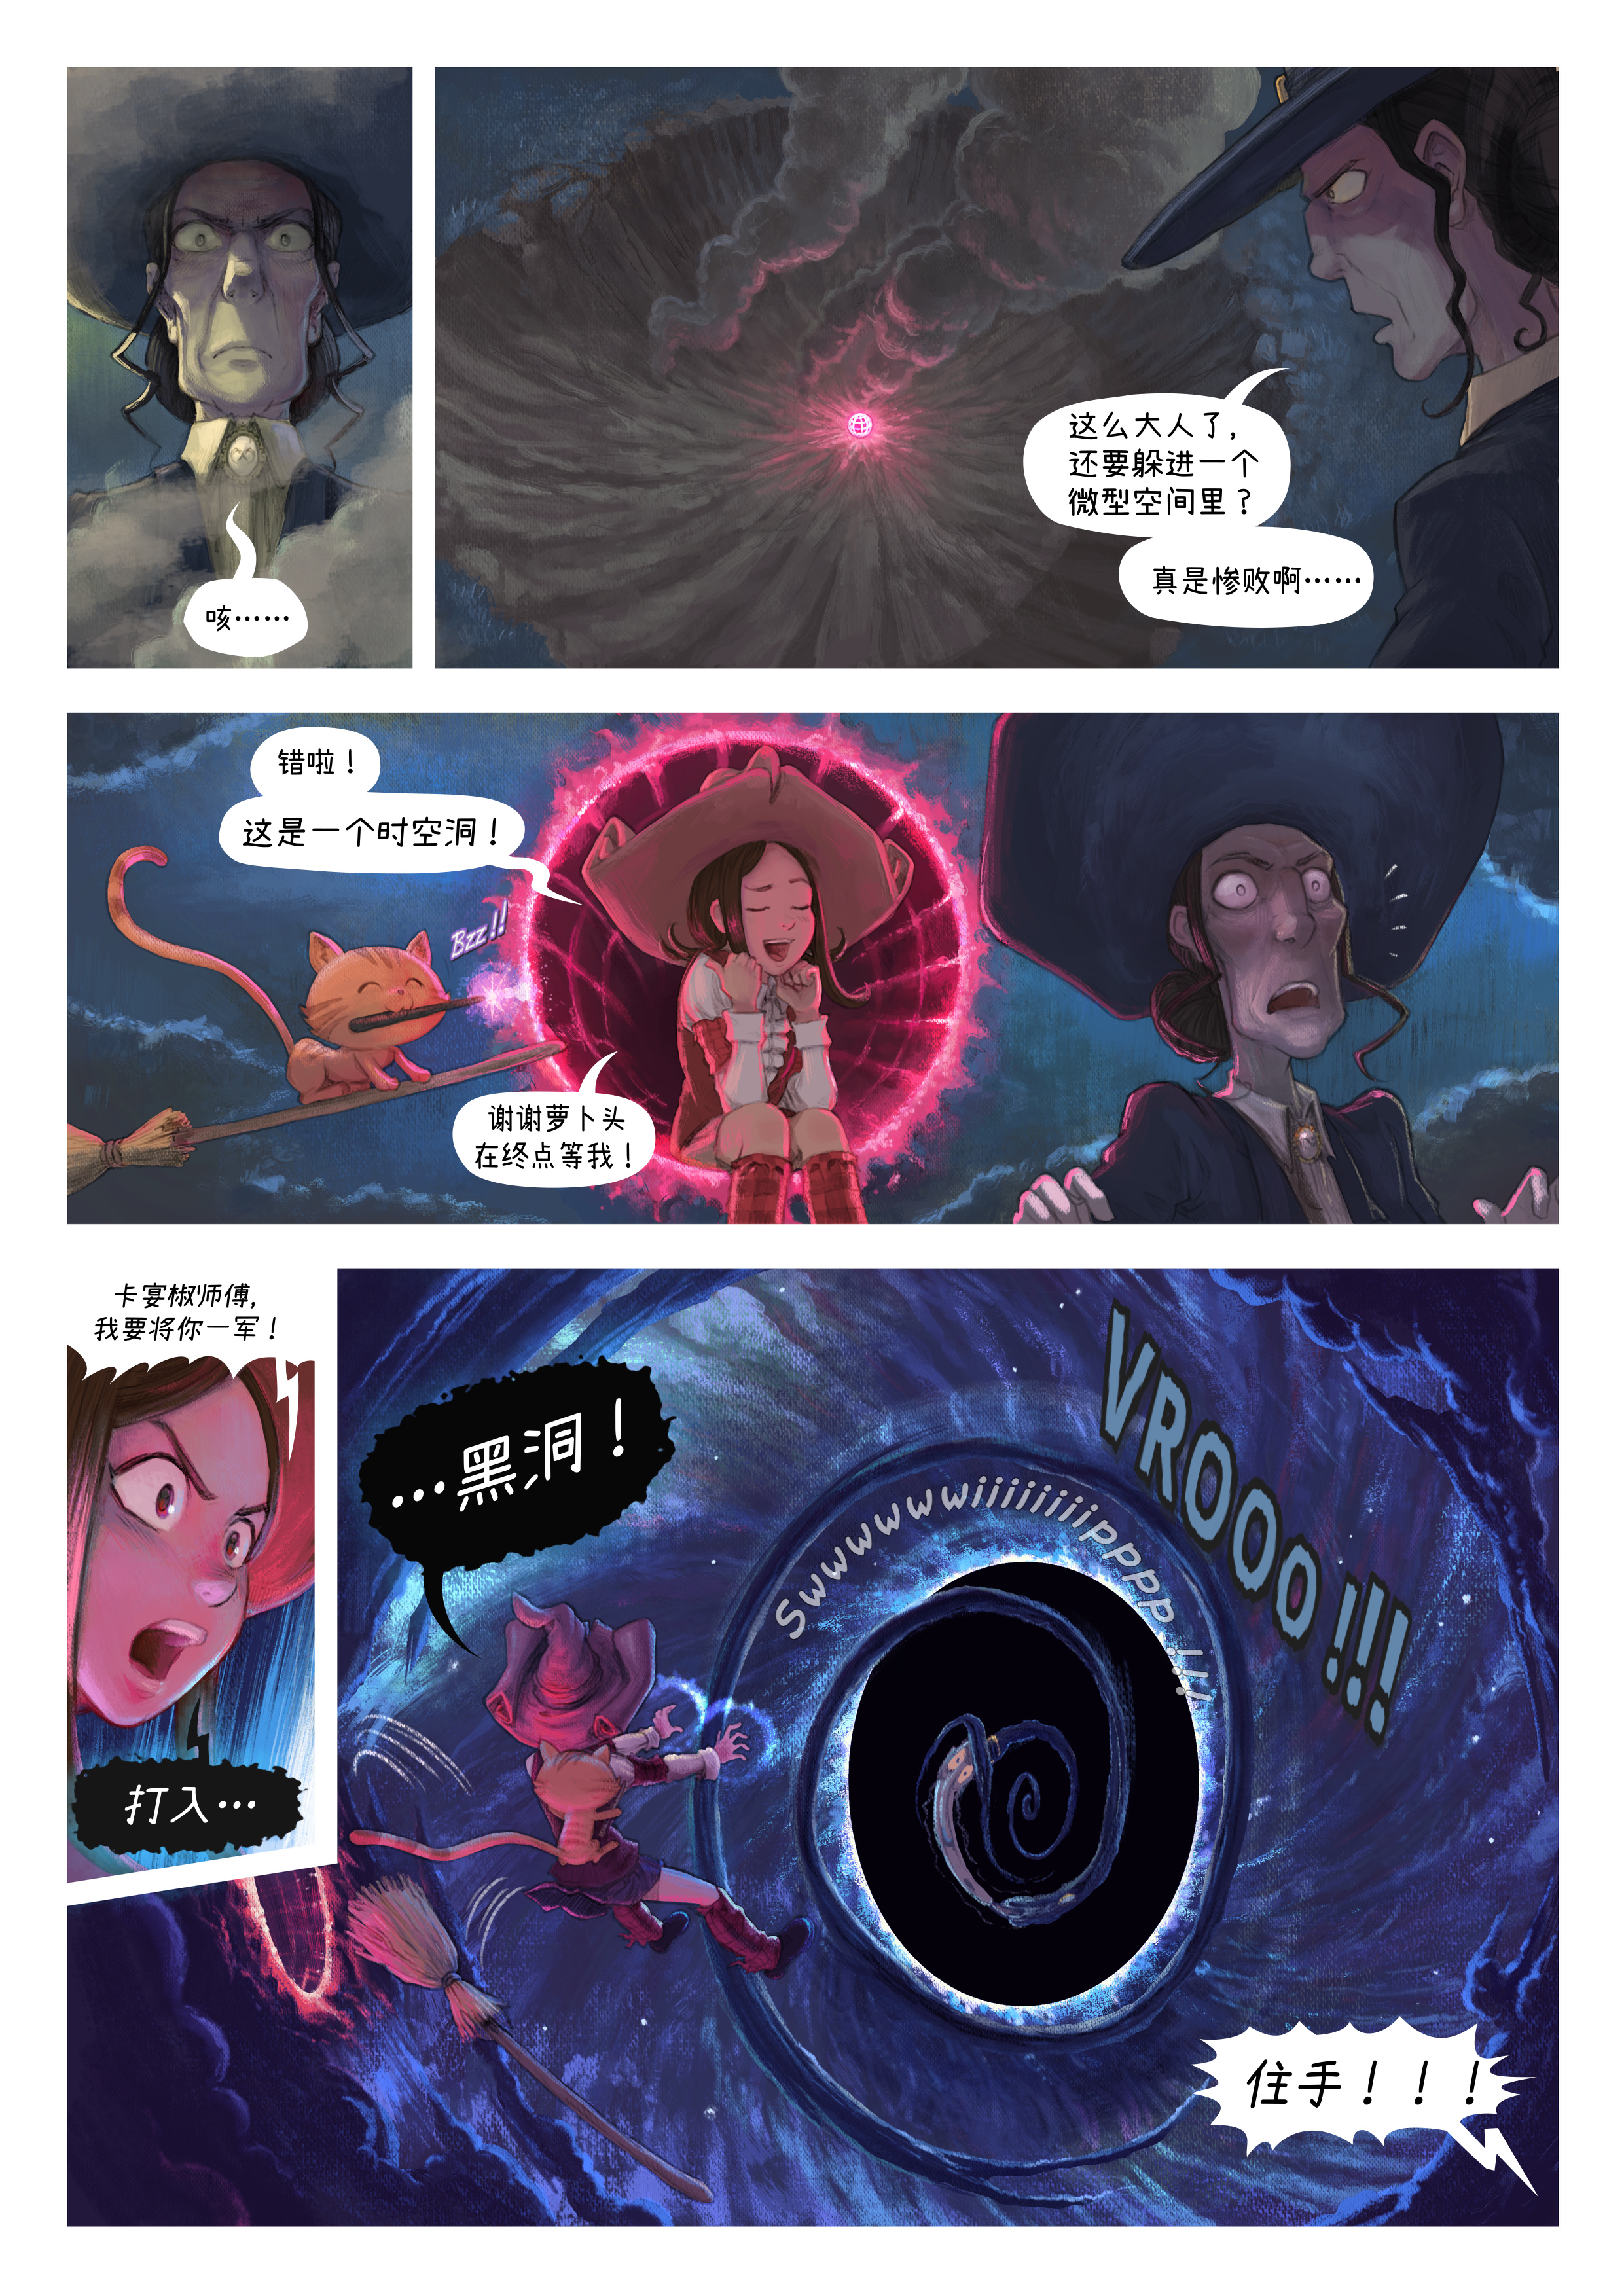 第31集:战斗, Page 5